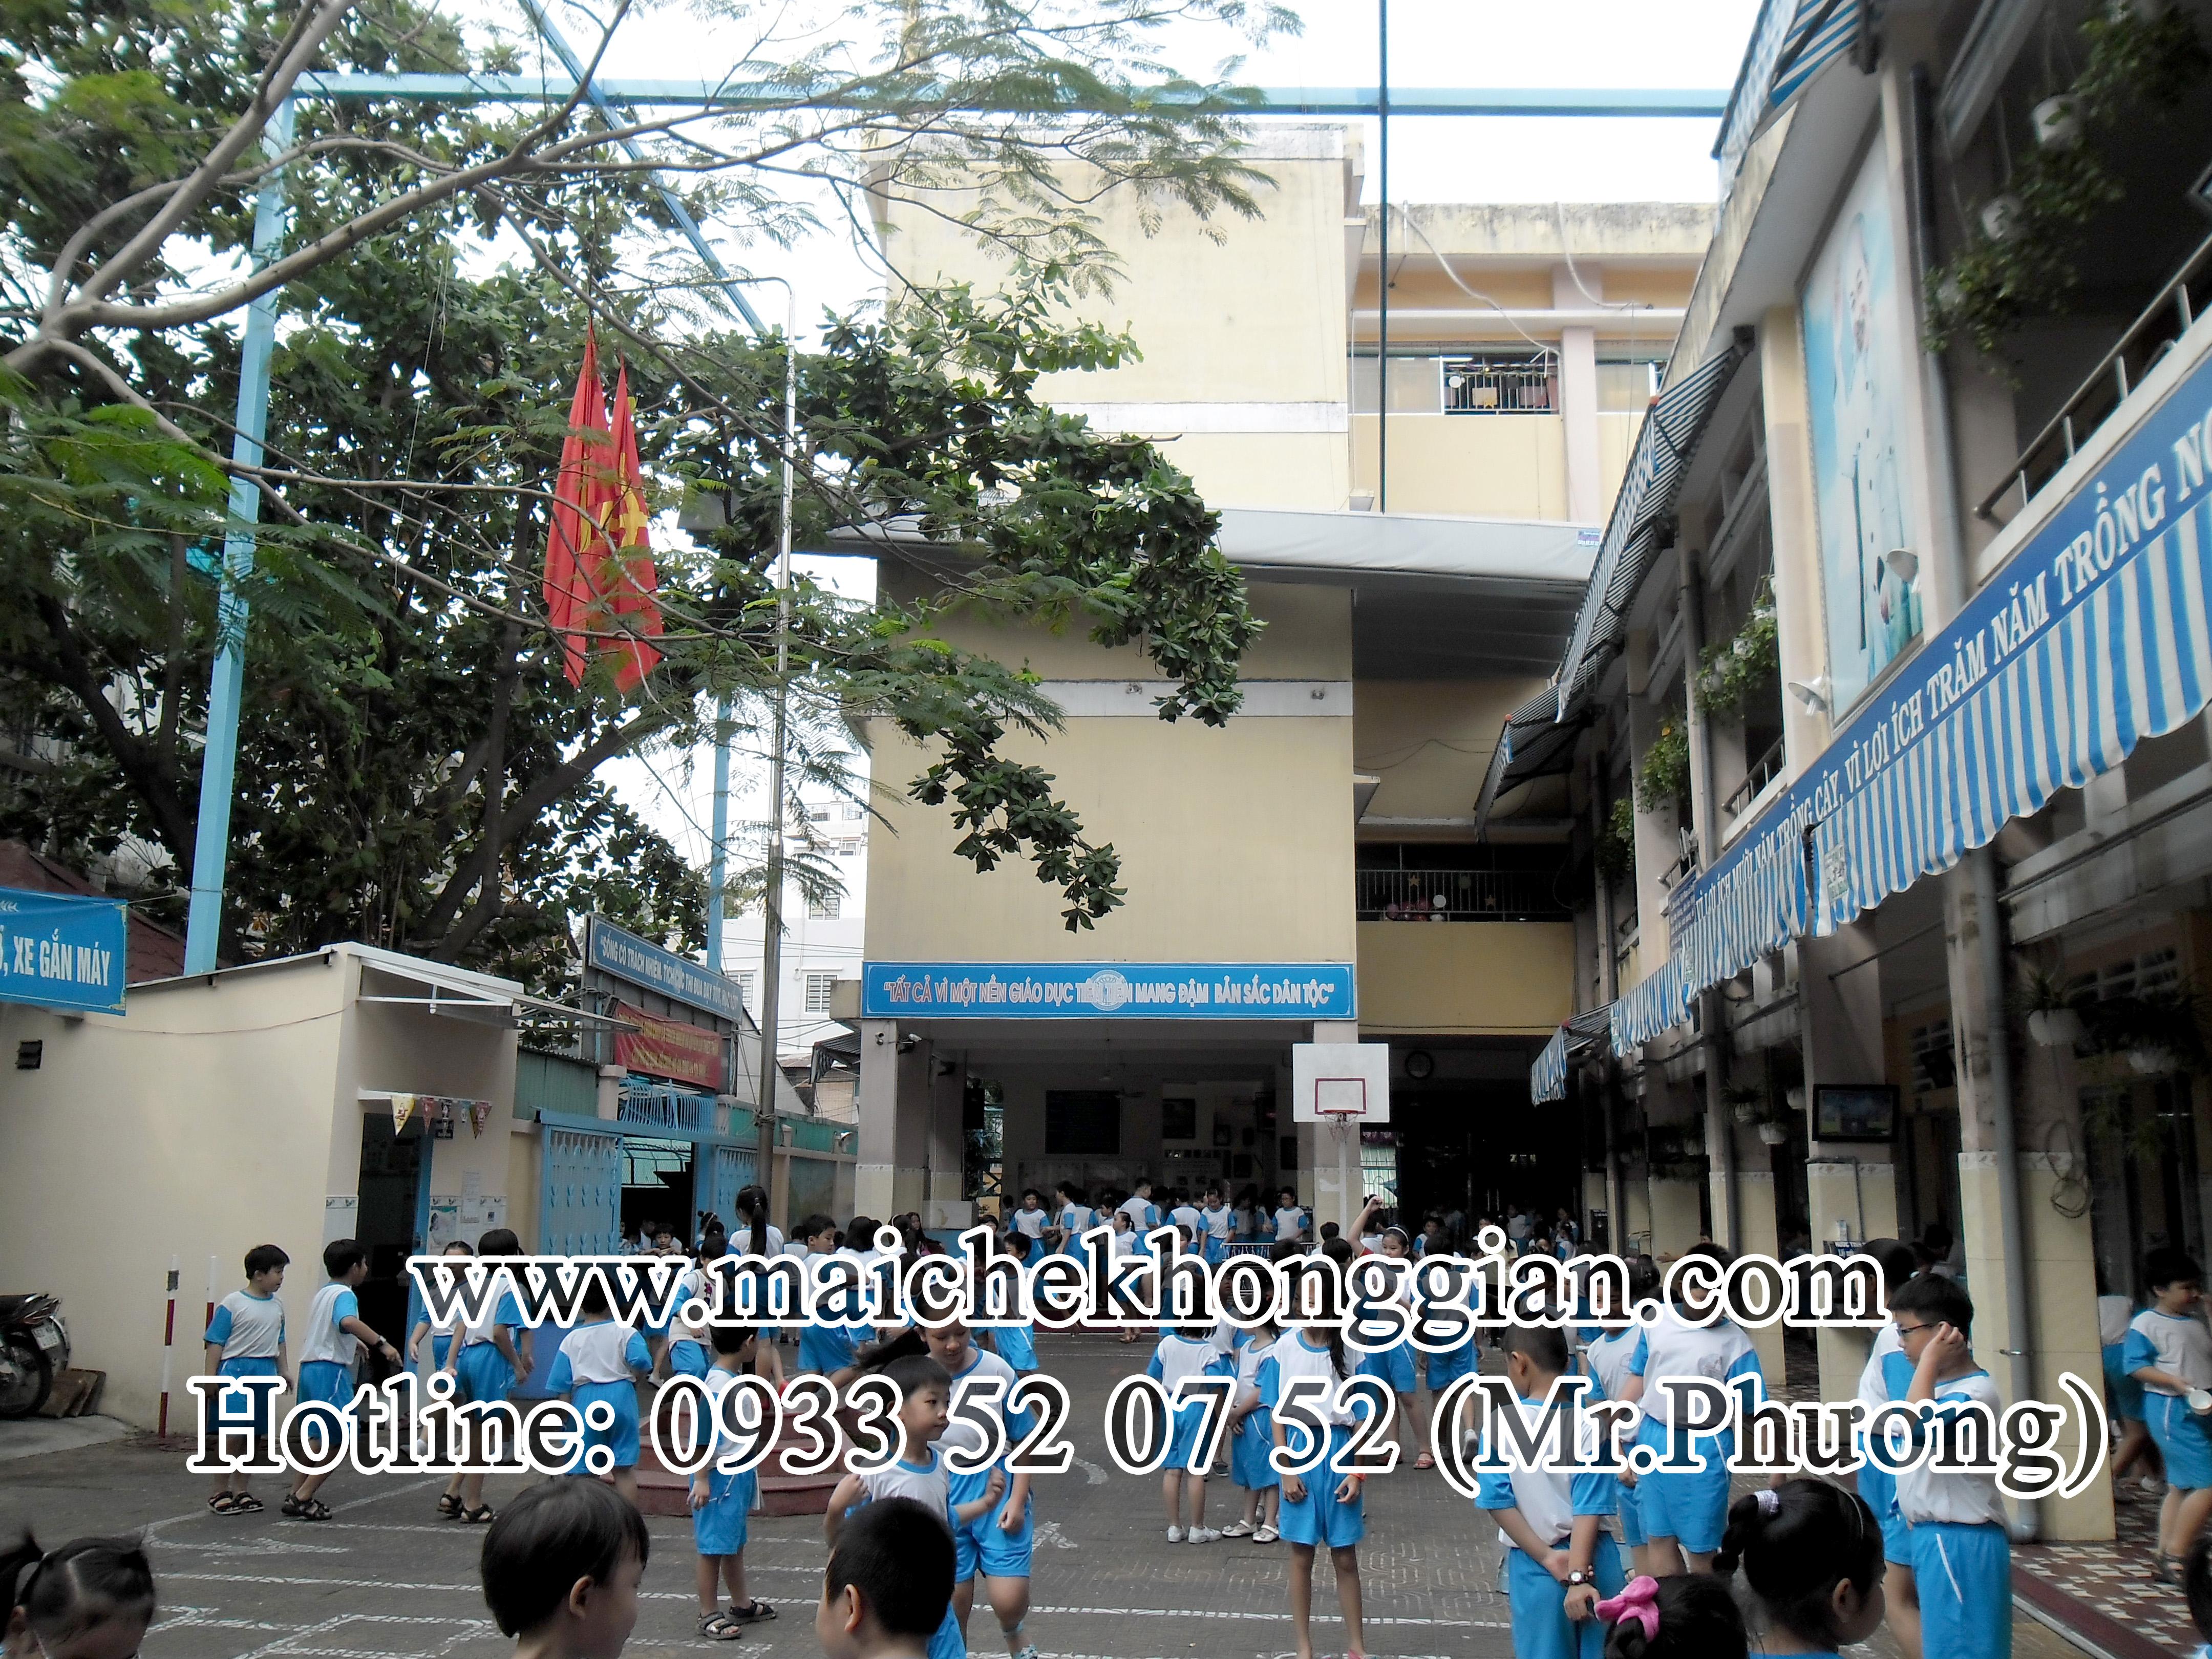 Mái Che Trường Học Huyện Phong Điền Cần Thơ